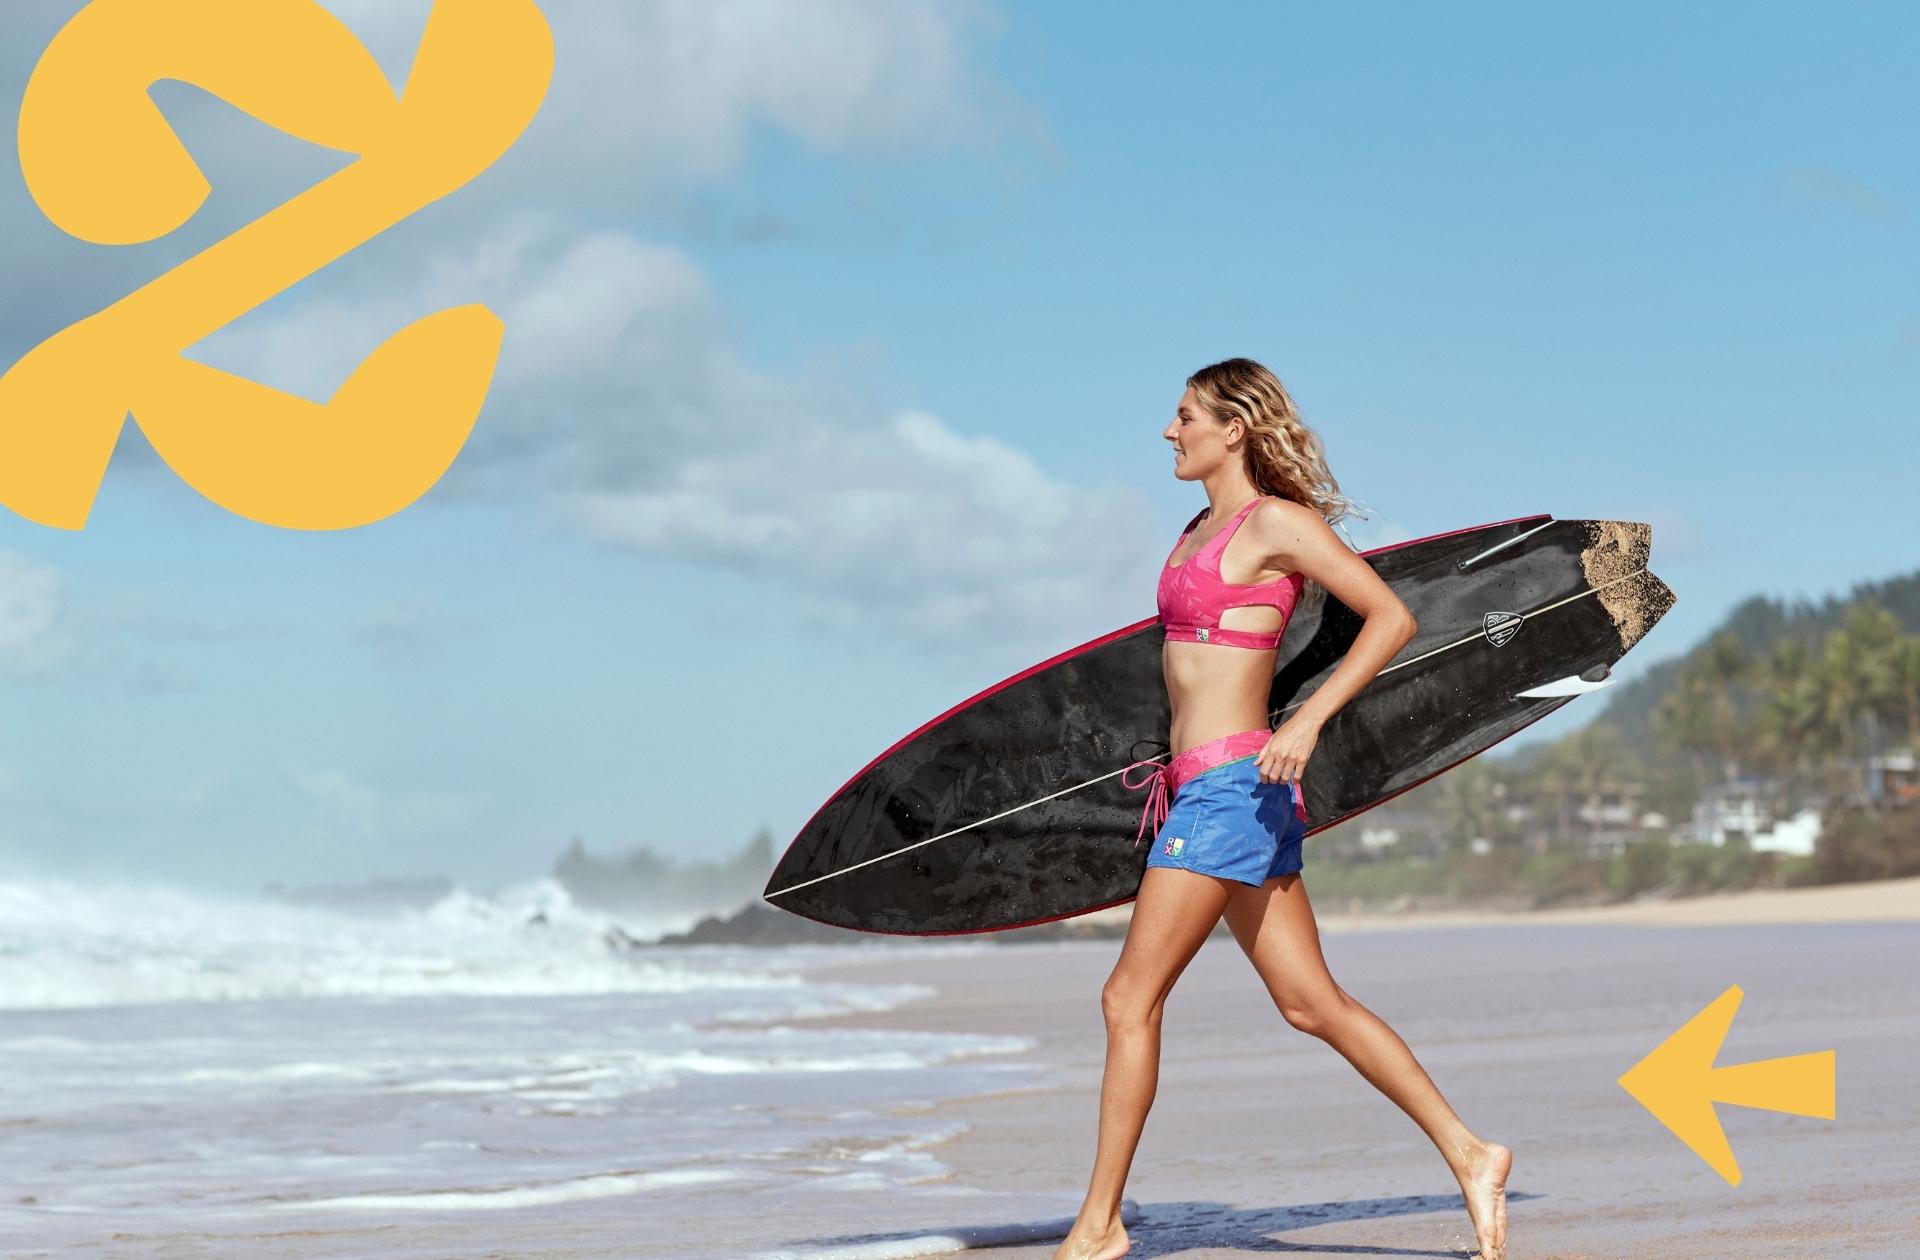 Comment Roxy rend le beachwear éco responsable avec la collection POP surf